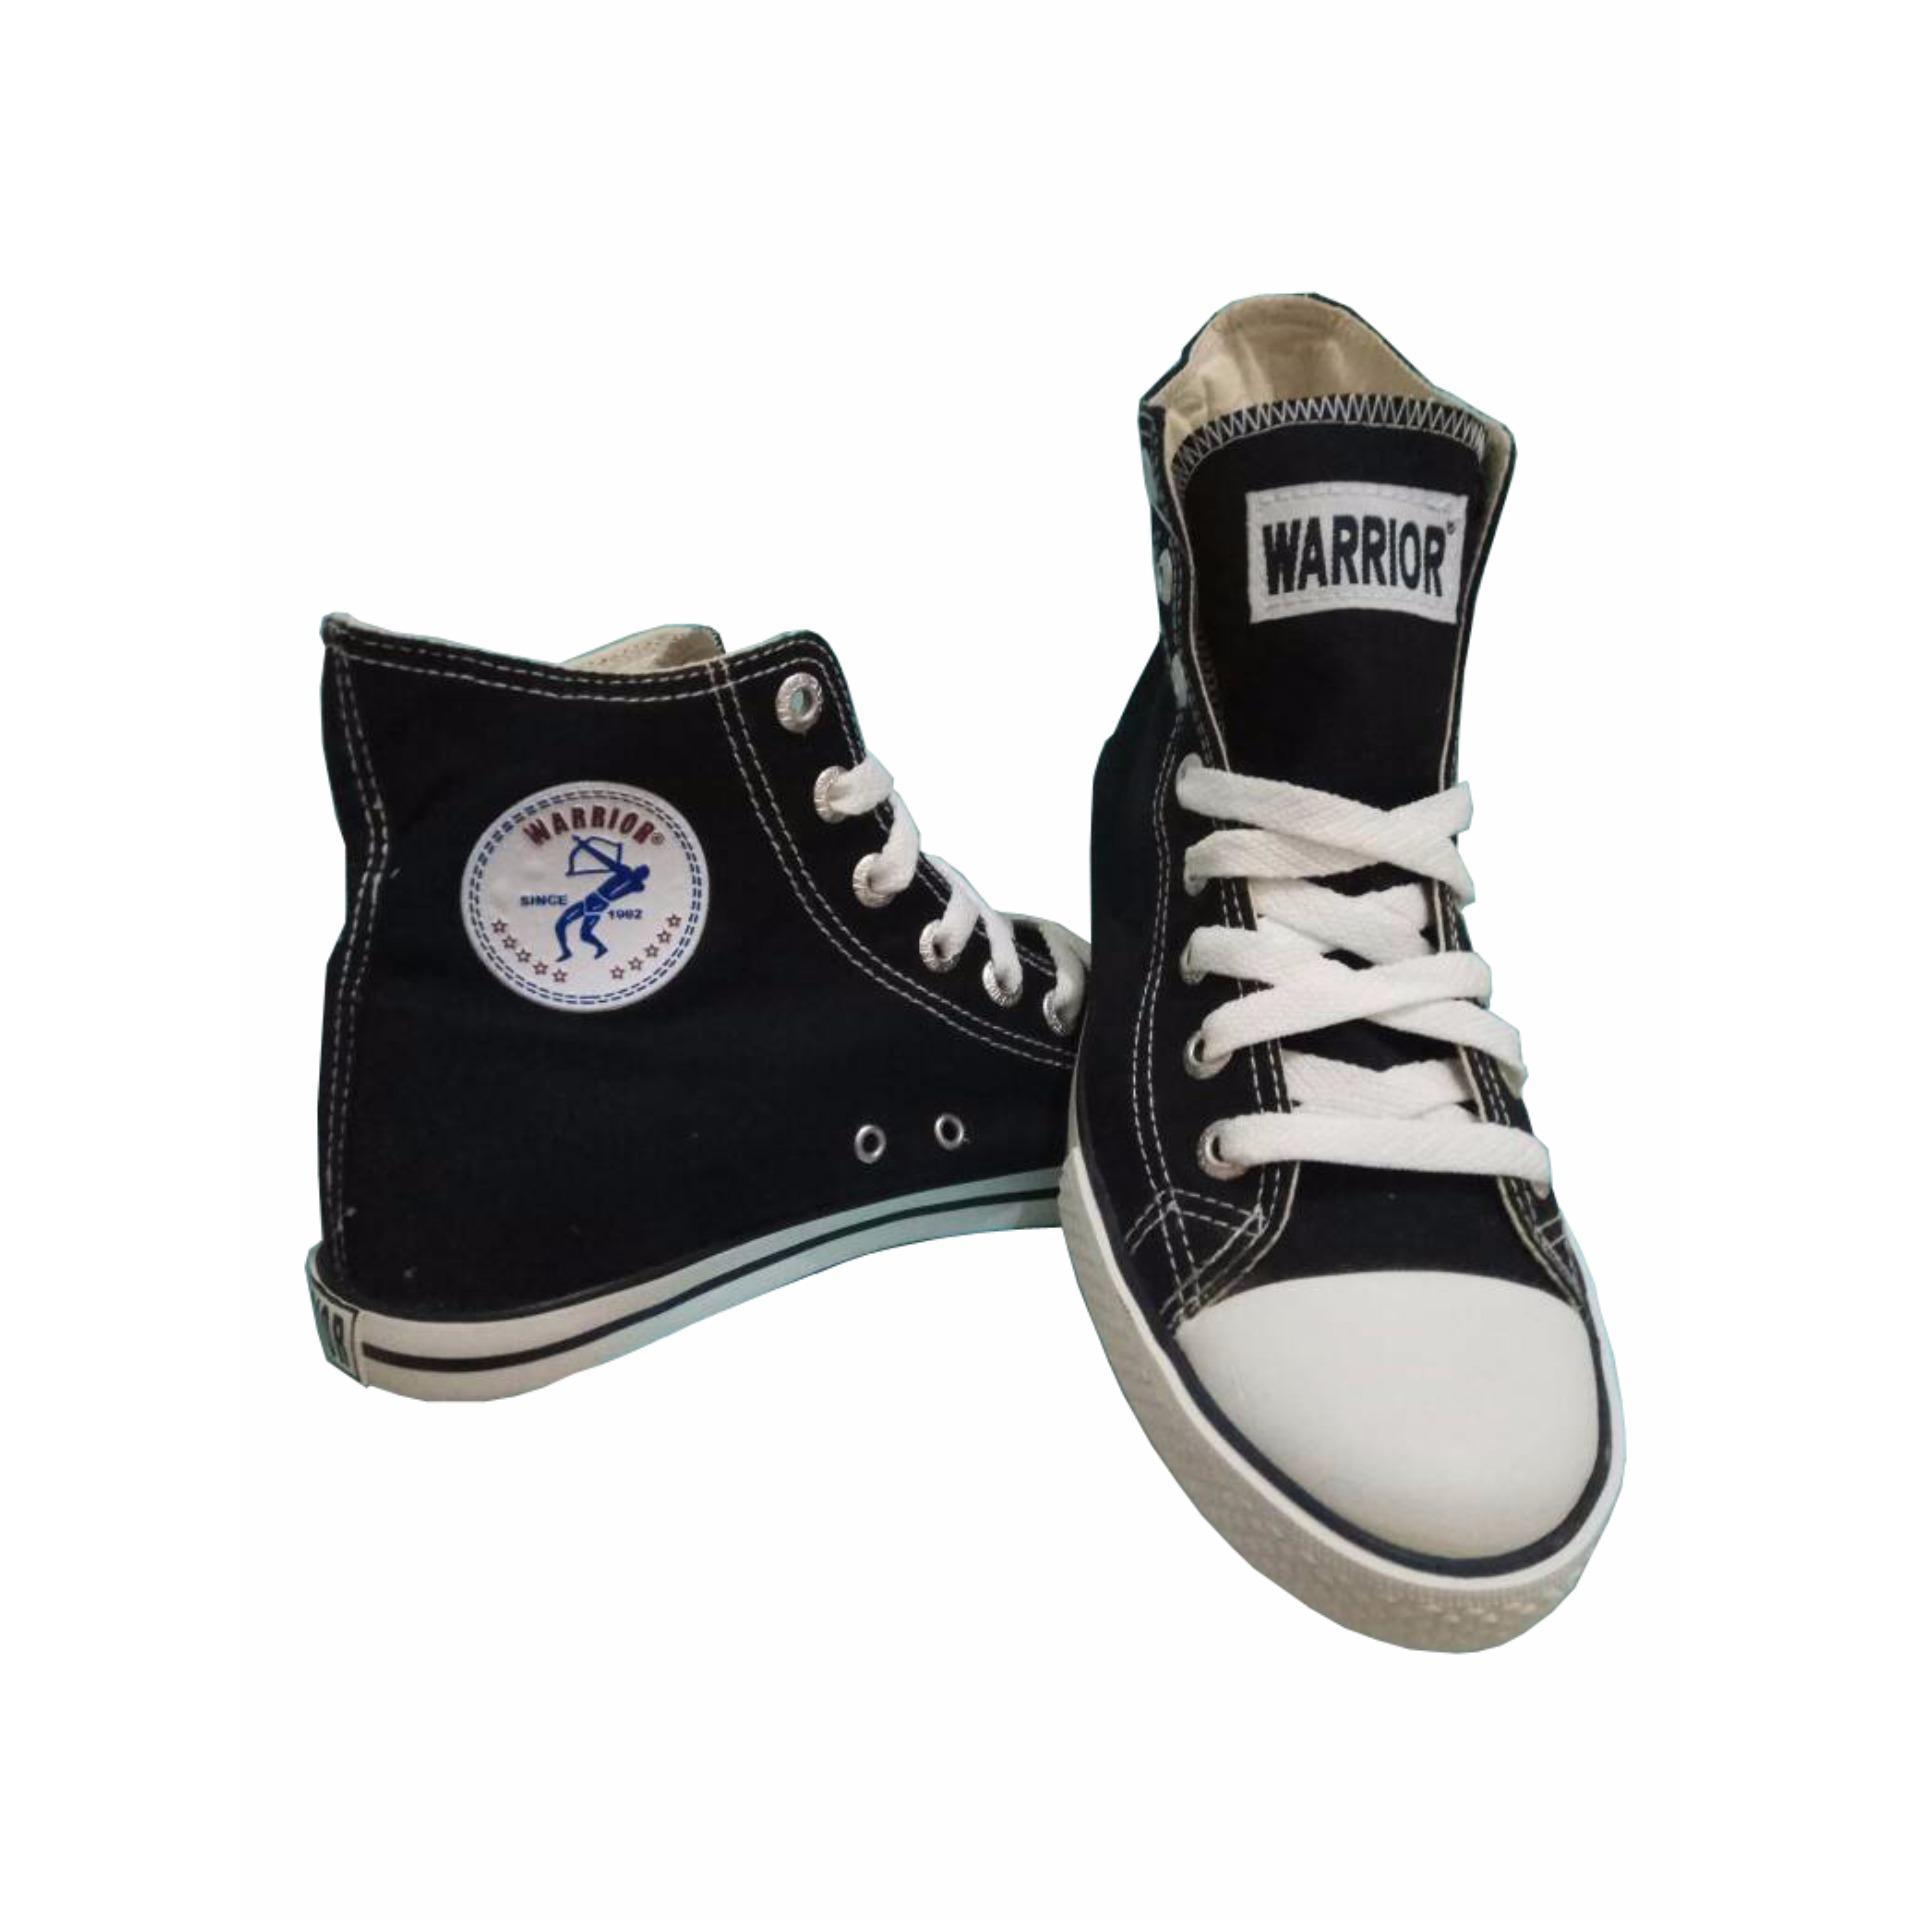 Jual Sepatu Sekolah Warrior Athena High Cut Hitam Putih Baru